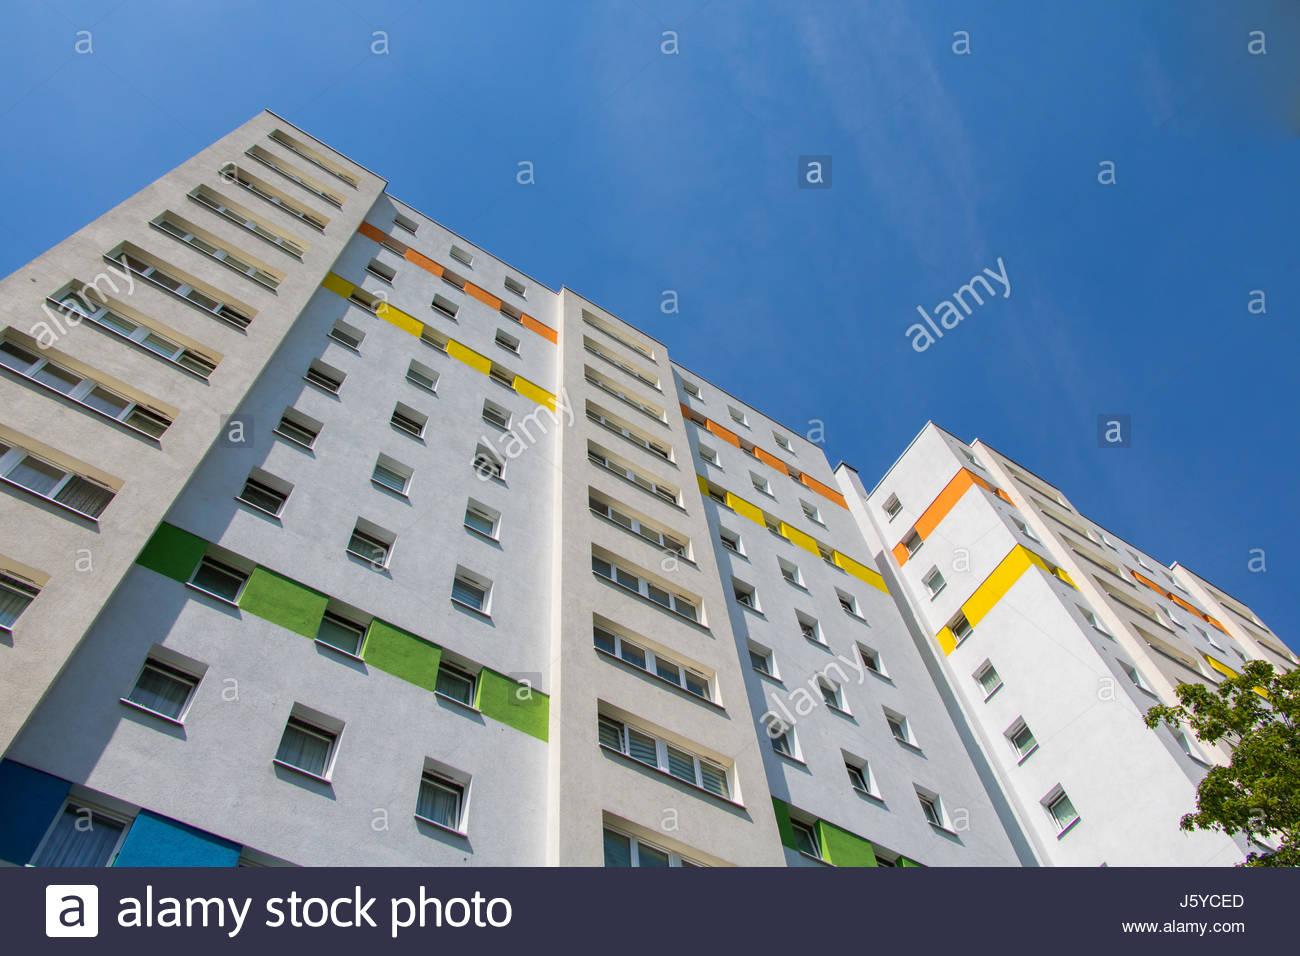 Great Wohnung Fassade Deutschland Haus Fenster Huser Berlin Kreuzberg  Wohnen Mustern Neue Architektur Gehuse Urban Wohn With Architektur Wohnen